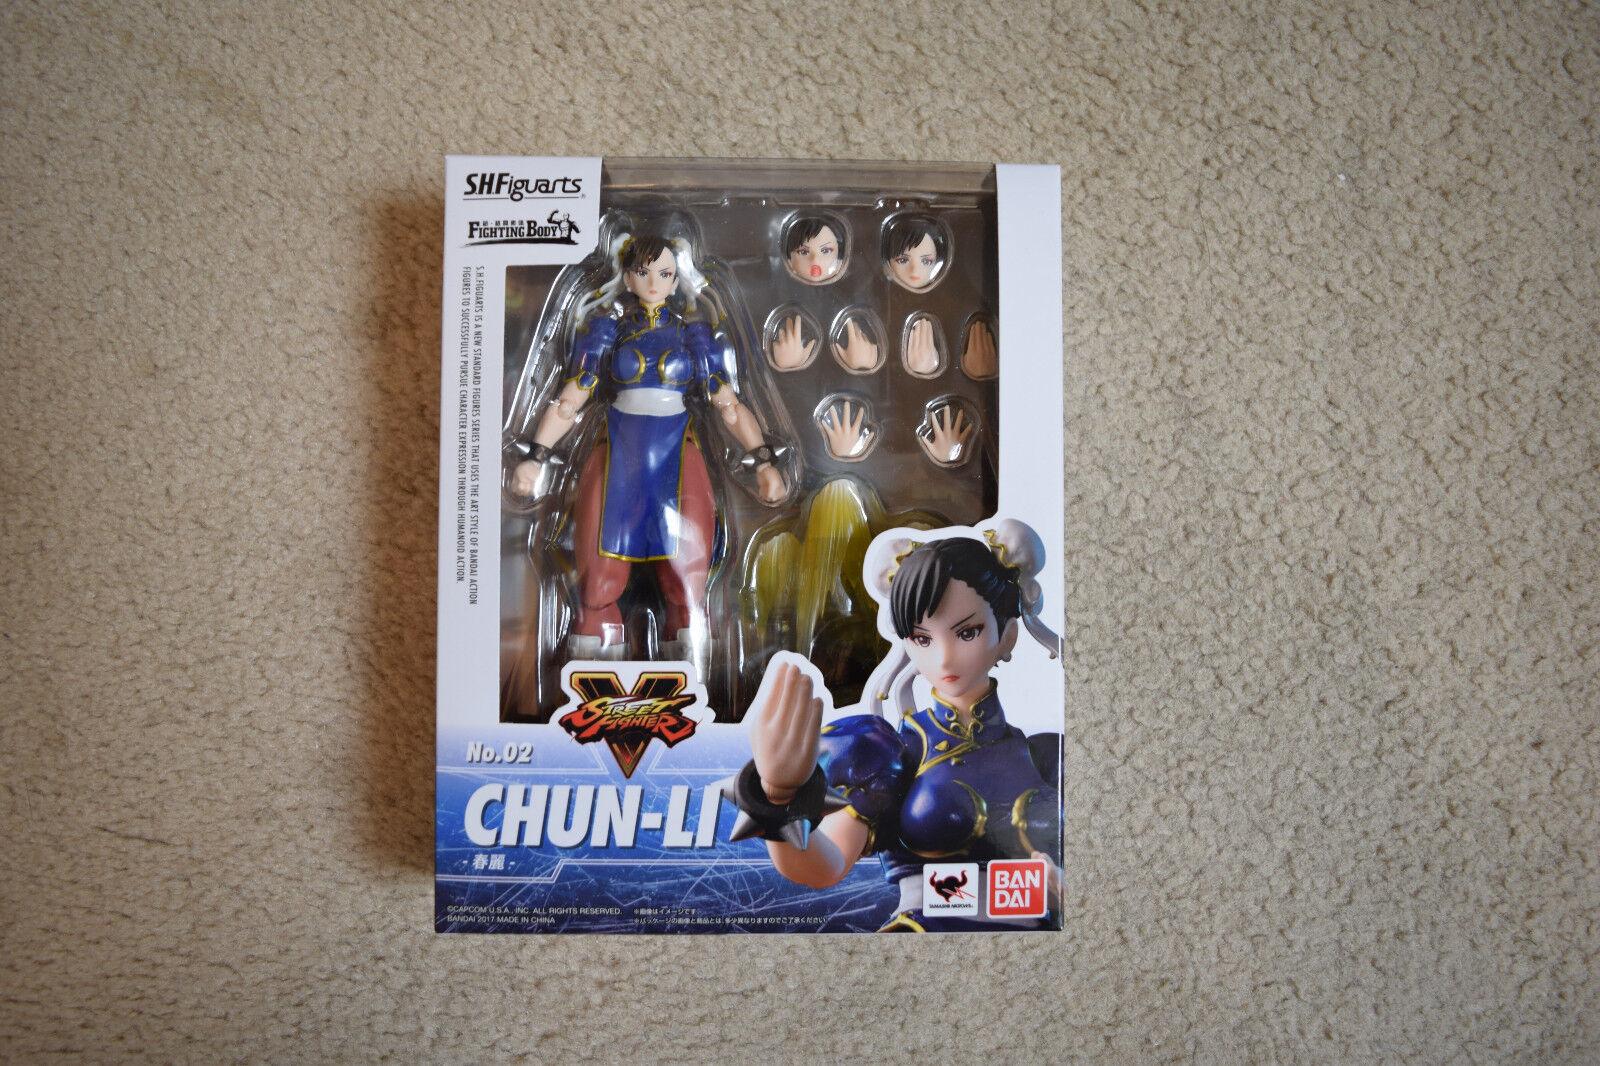 Street Fighter Chun Li - SH Figuarts